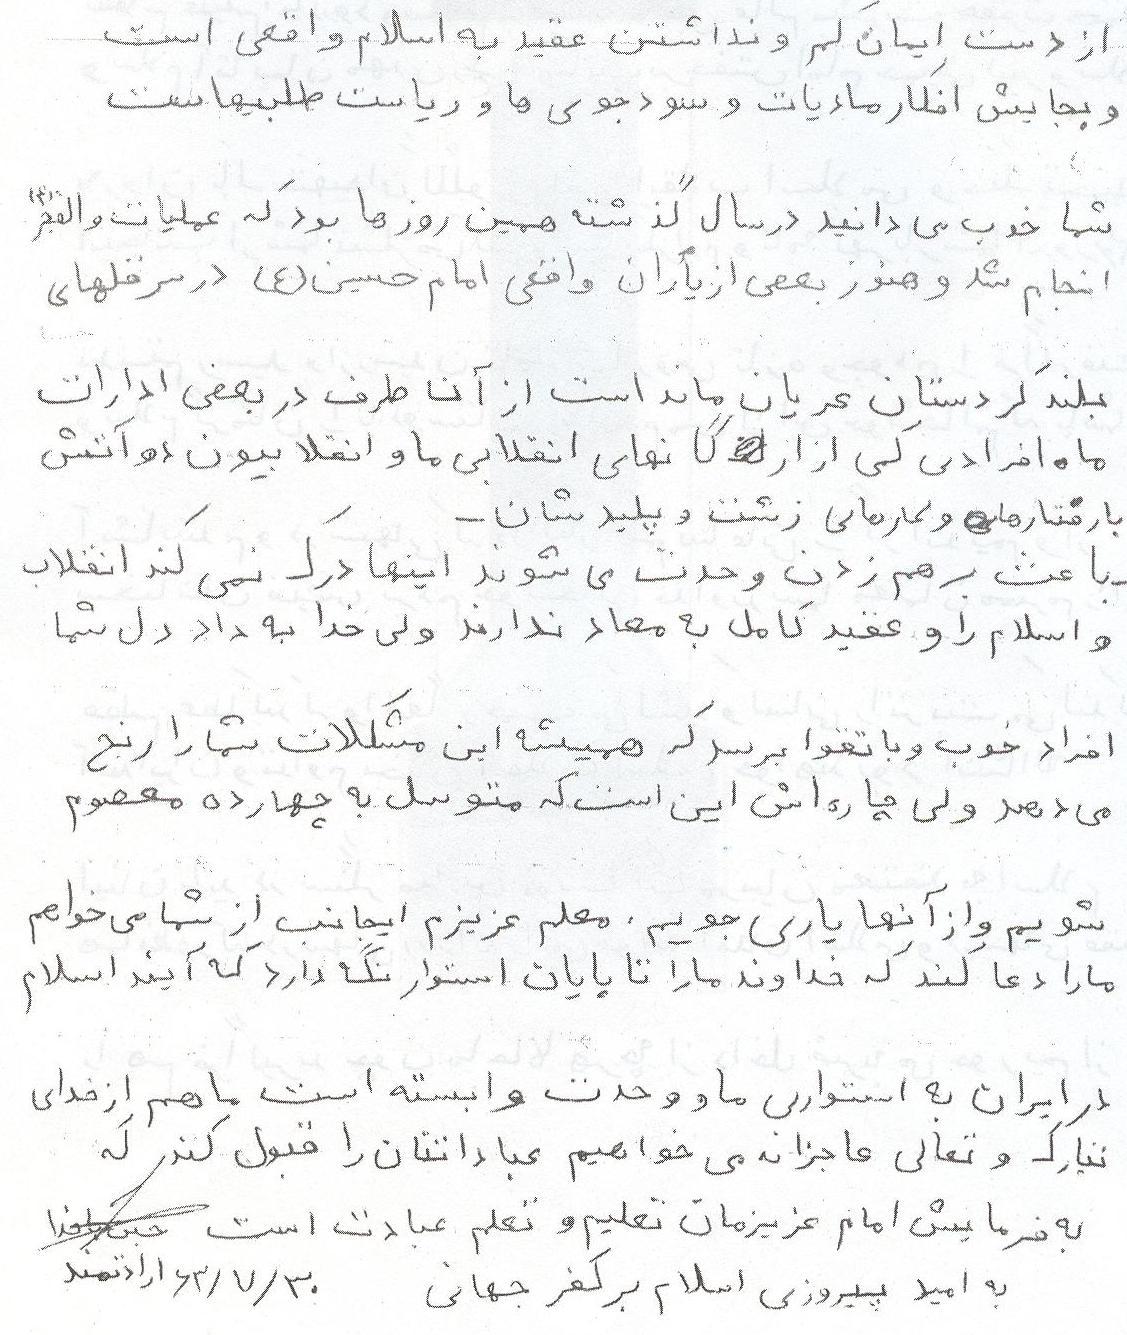 صفحه دوم نامه